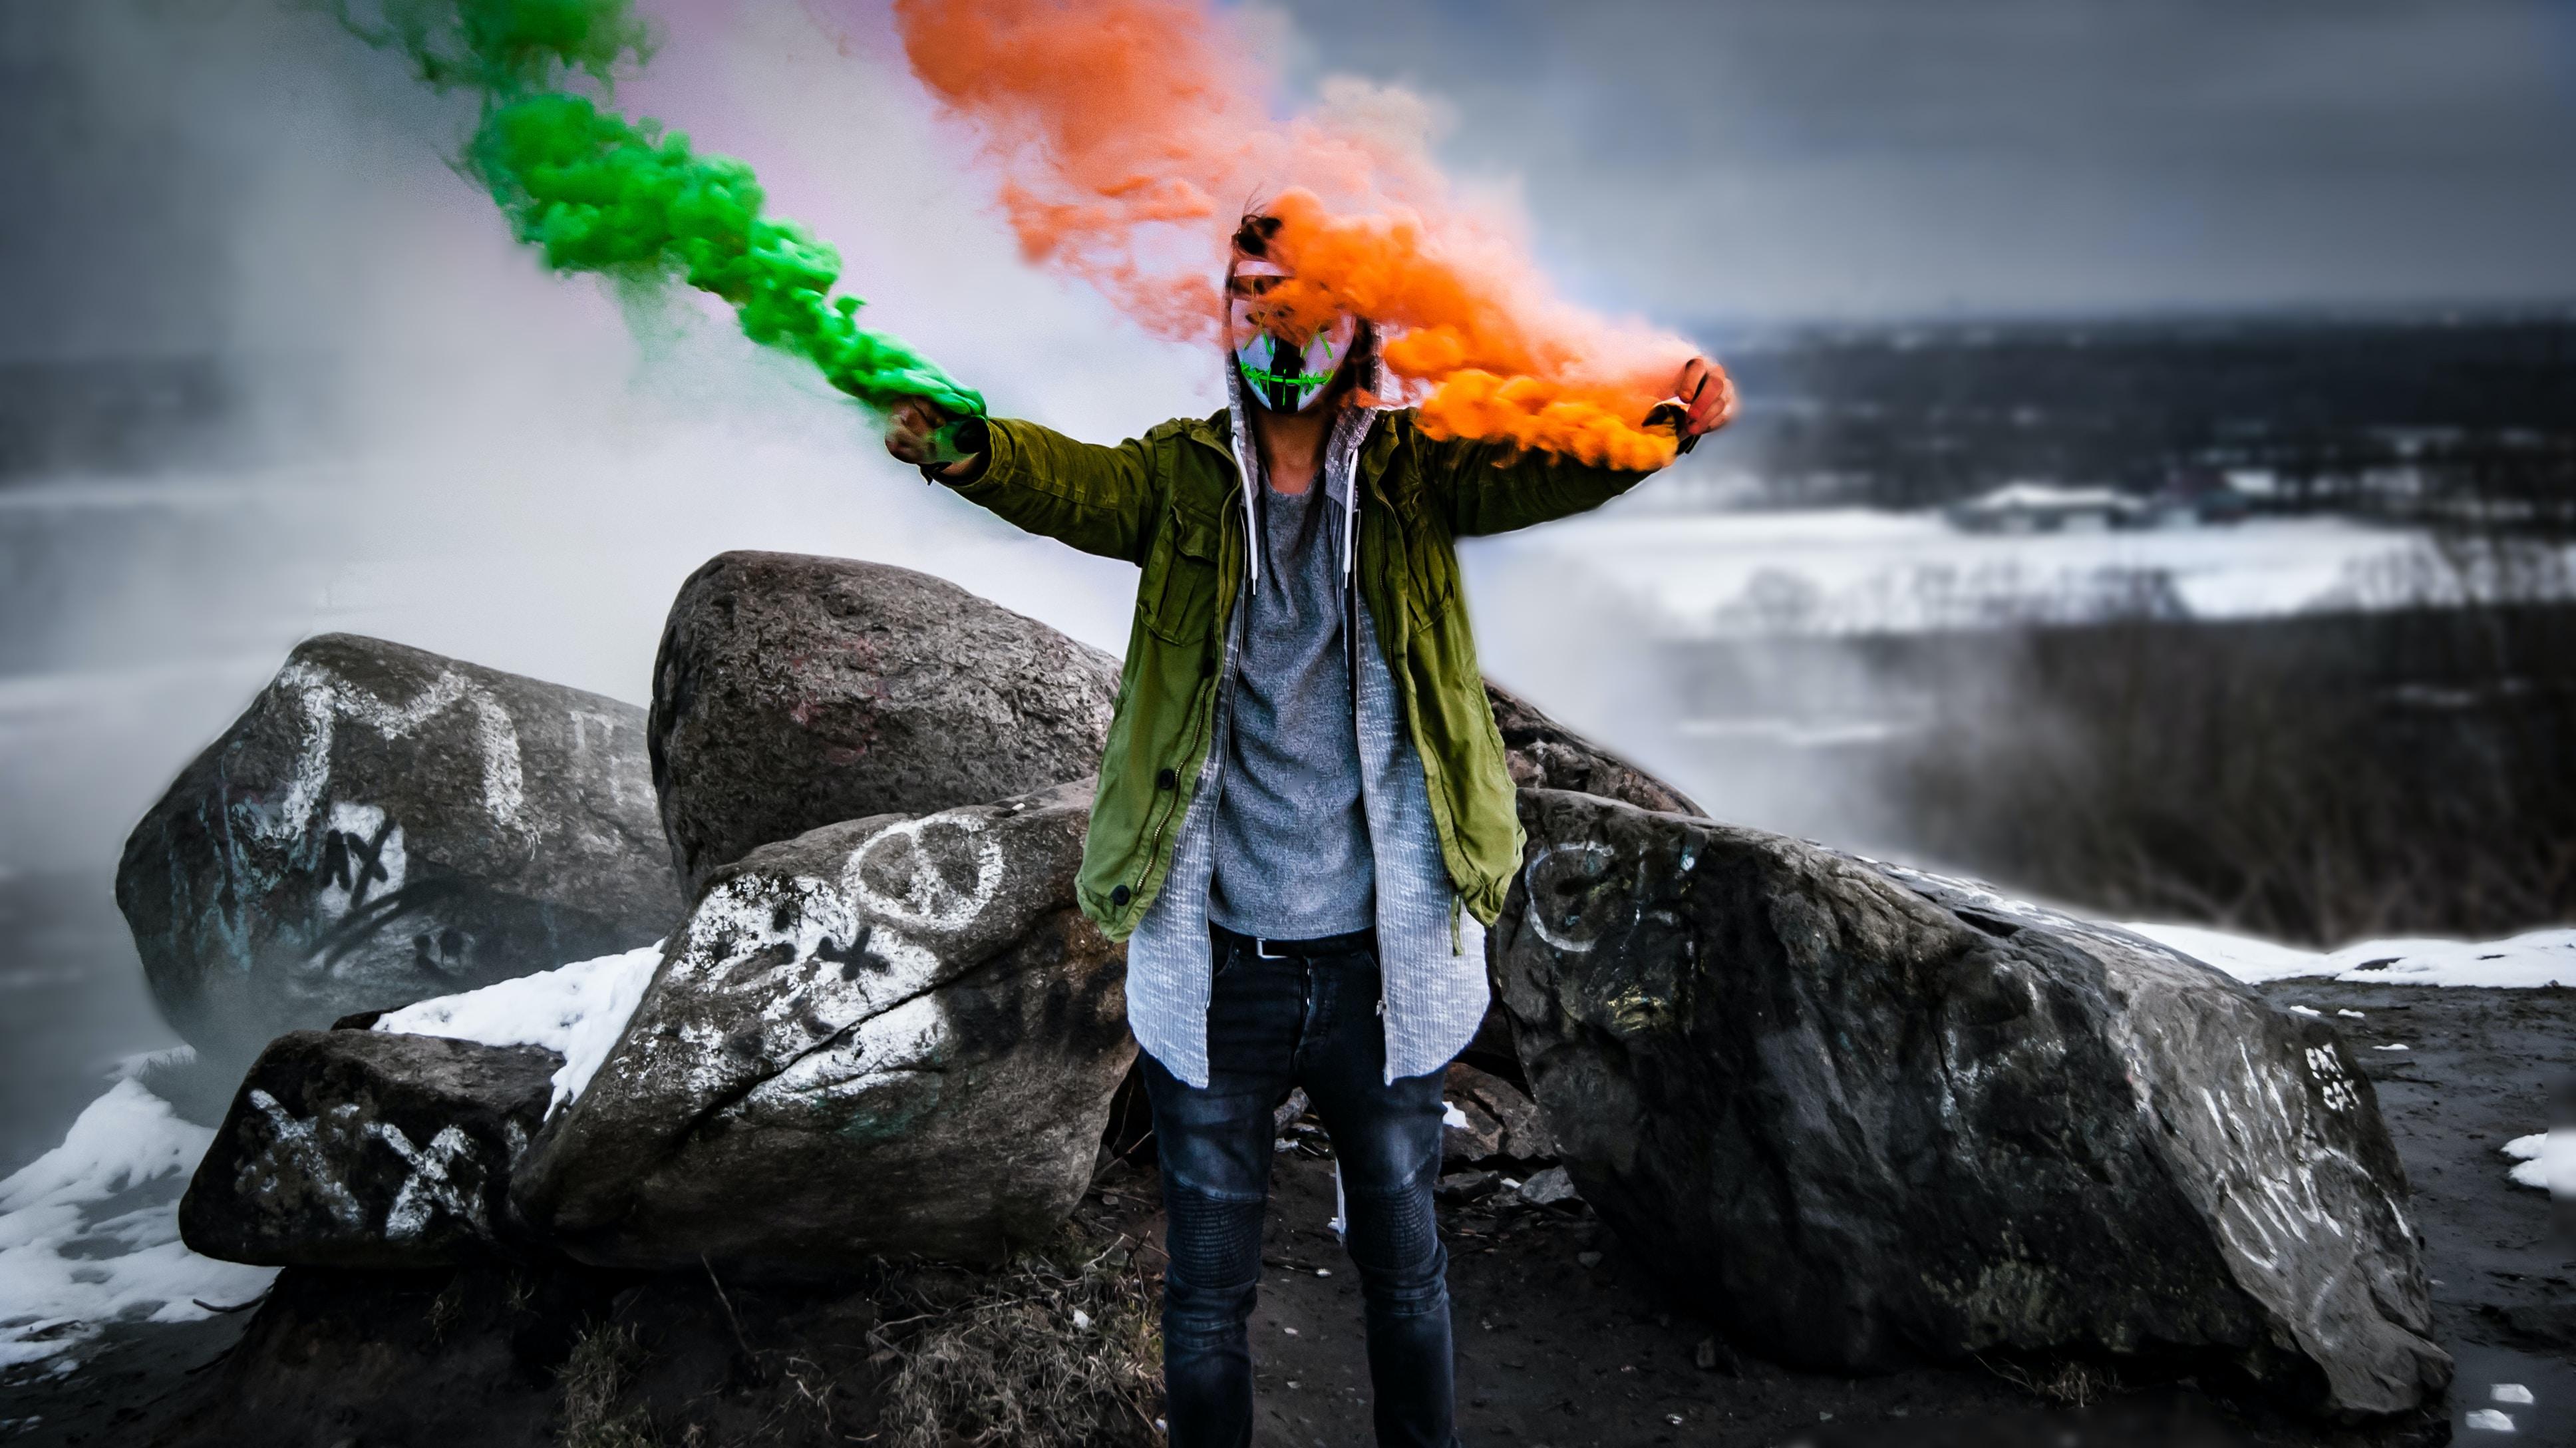 man holding smoke flares